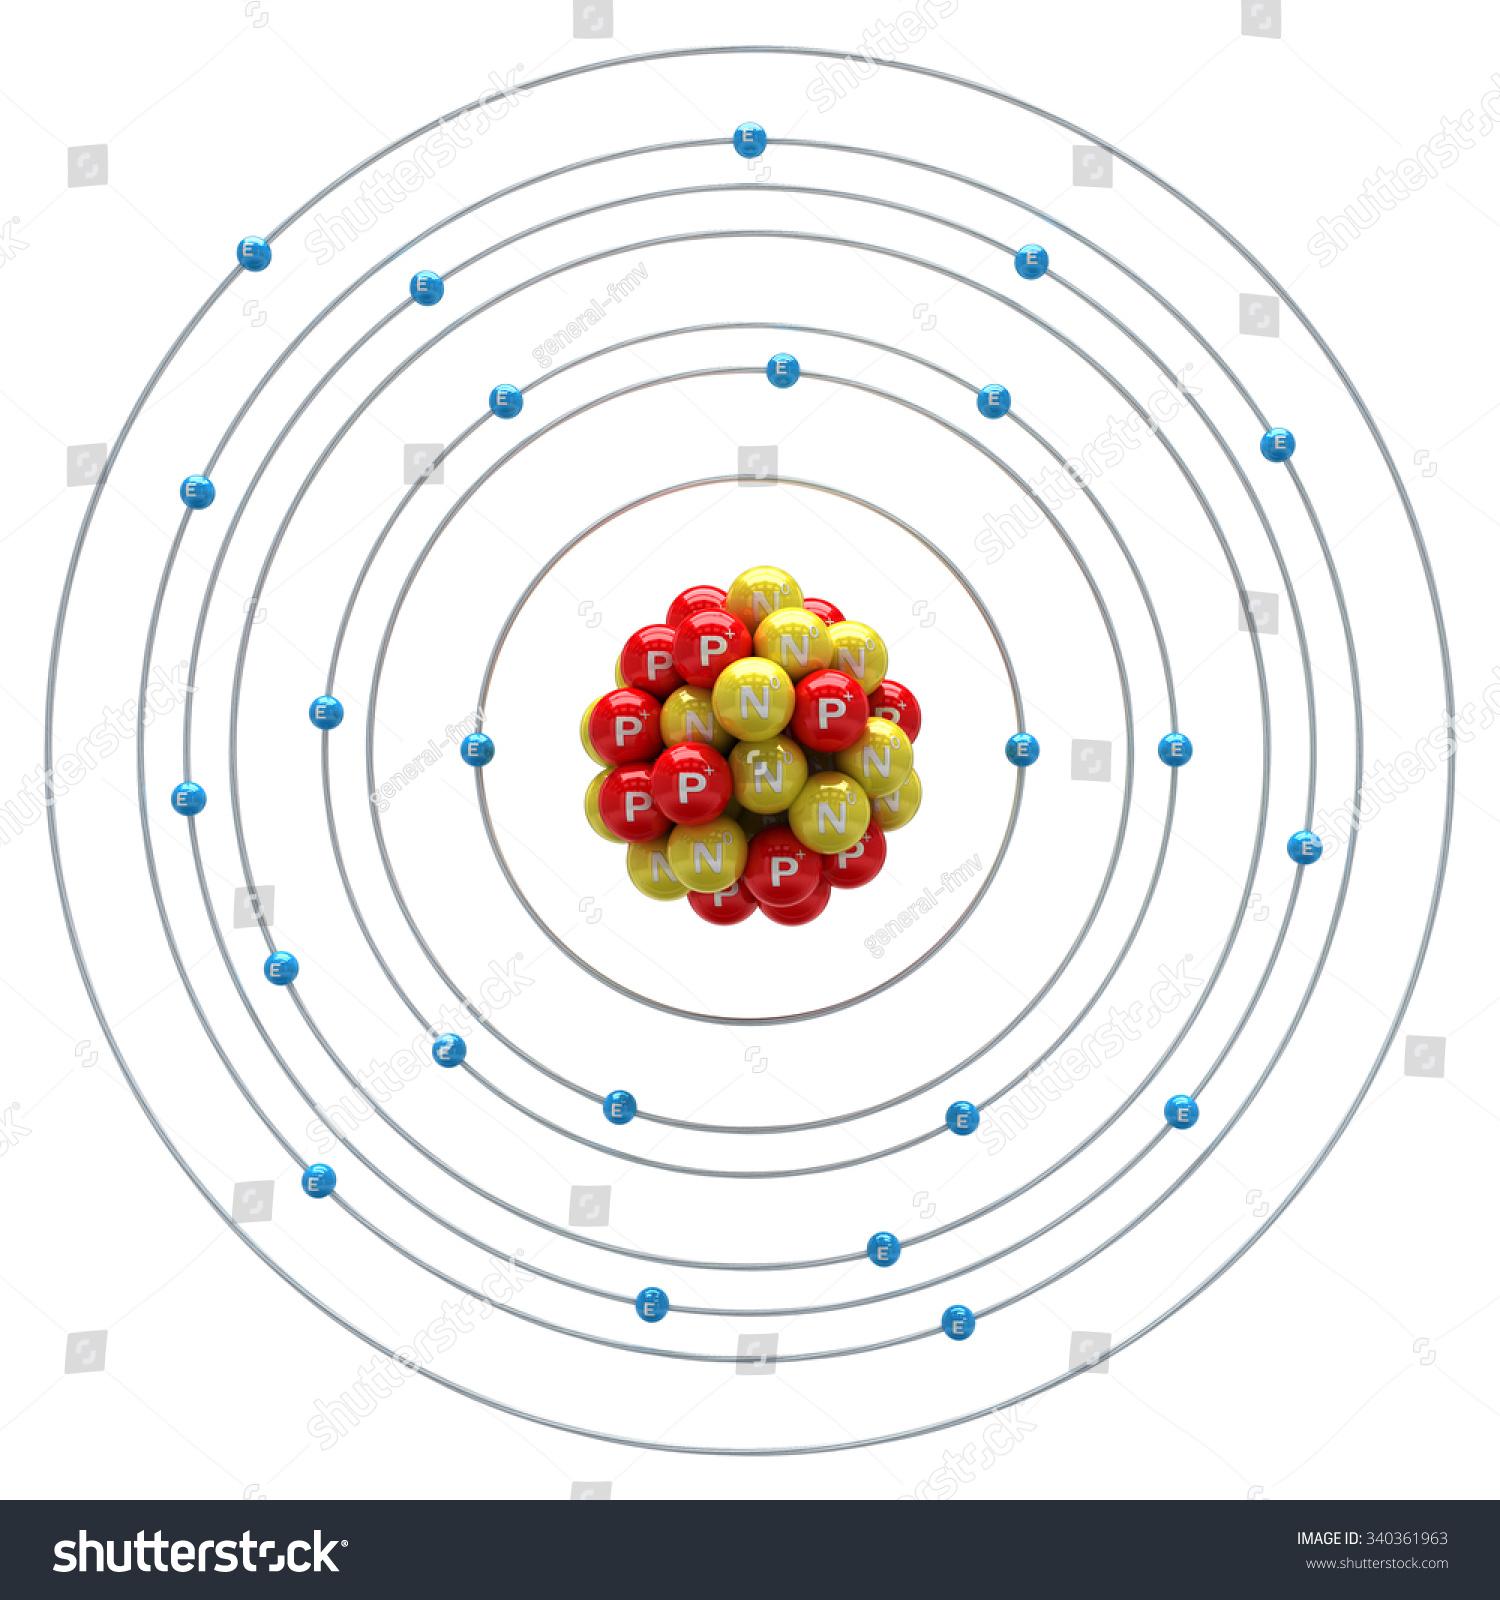 Chromium Atom On A White Background Stock Photo 340361963